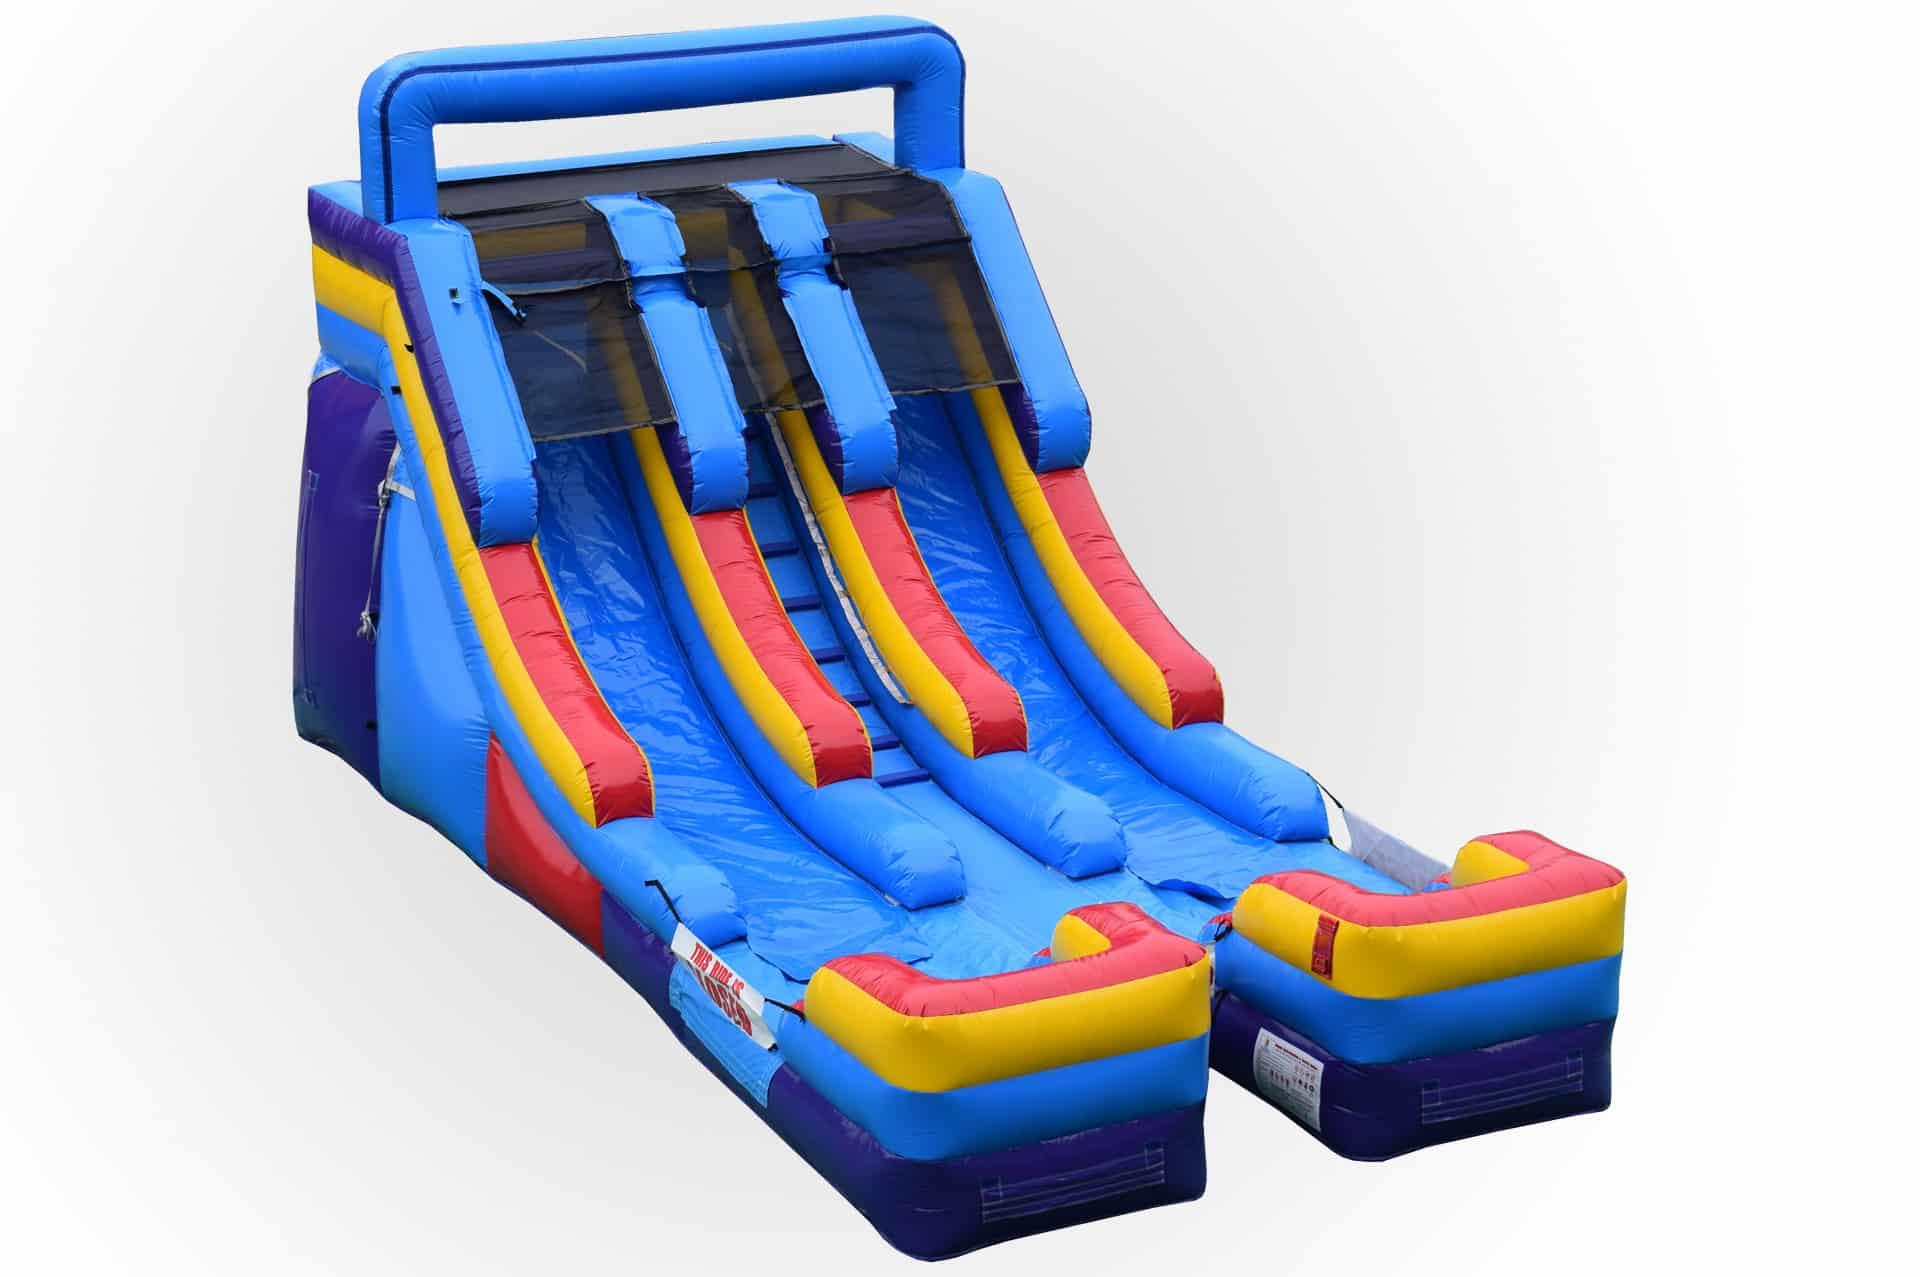 Inflatable Dry Slide Rentals Nashville TN